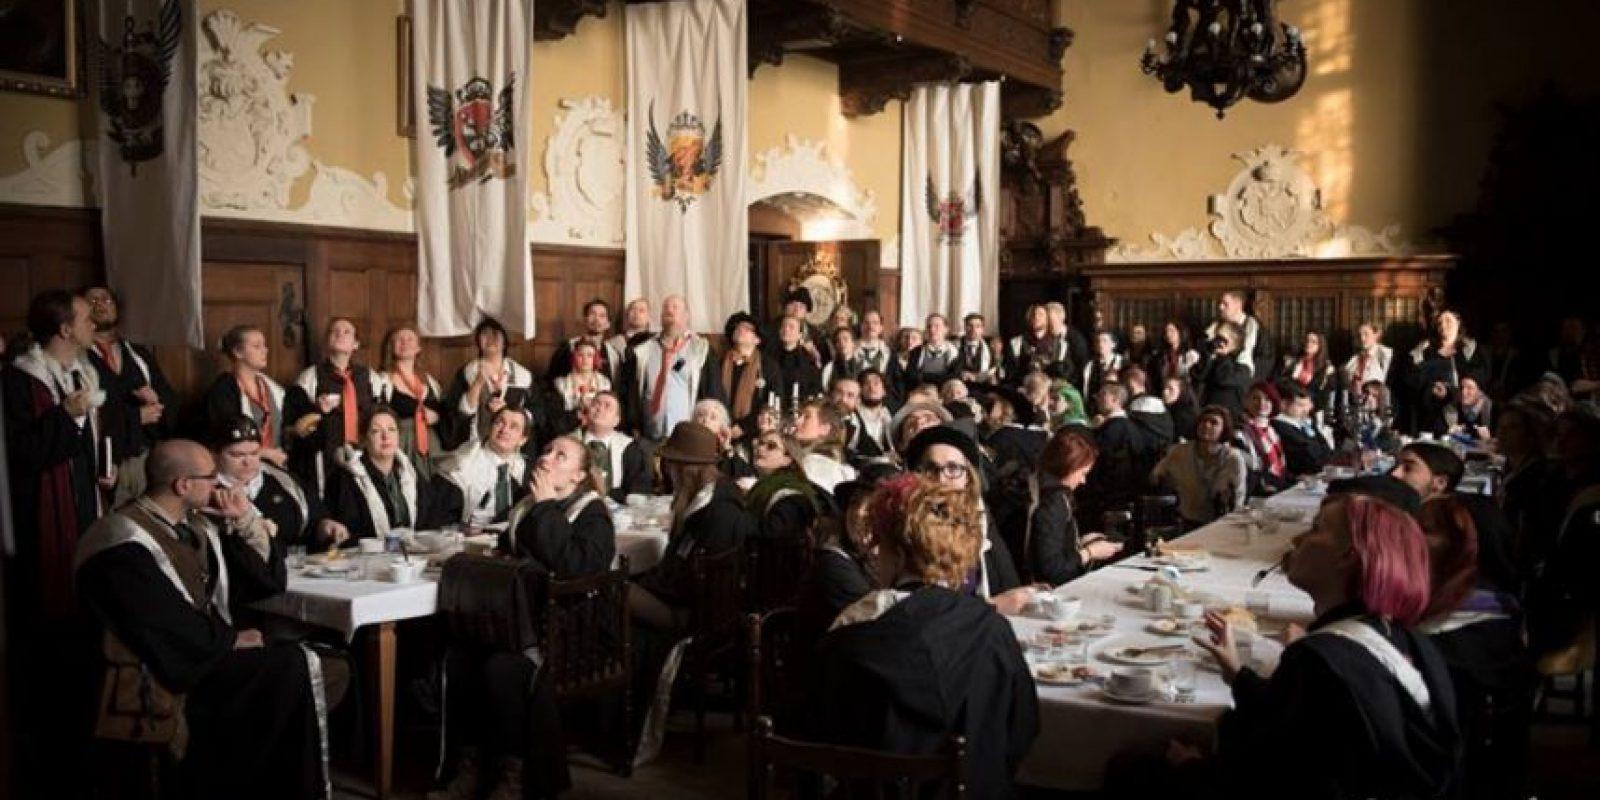 """""""College of Wizardry"""" es una experiencia creada por los fanáticos de """"Harry Potter"""" Foto:Facebook/ John-Paul Bichard"""